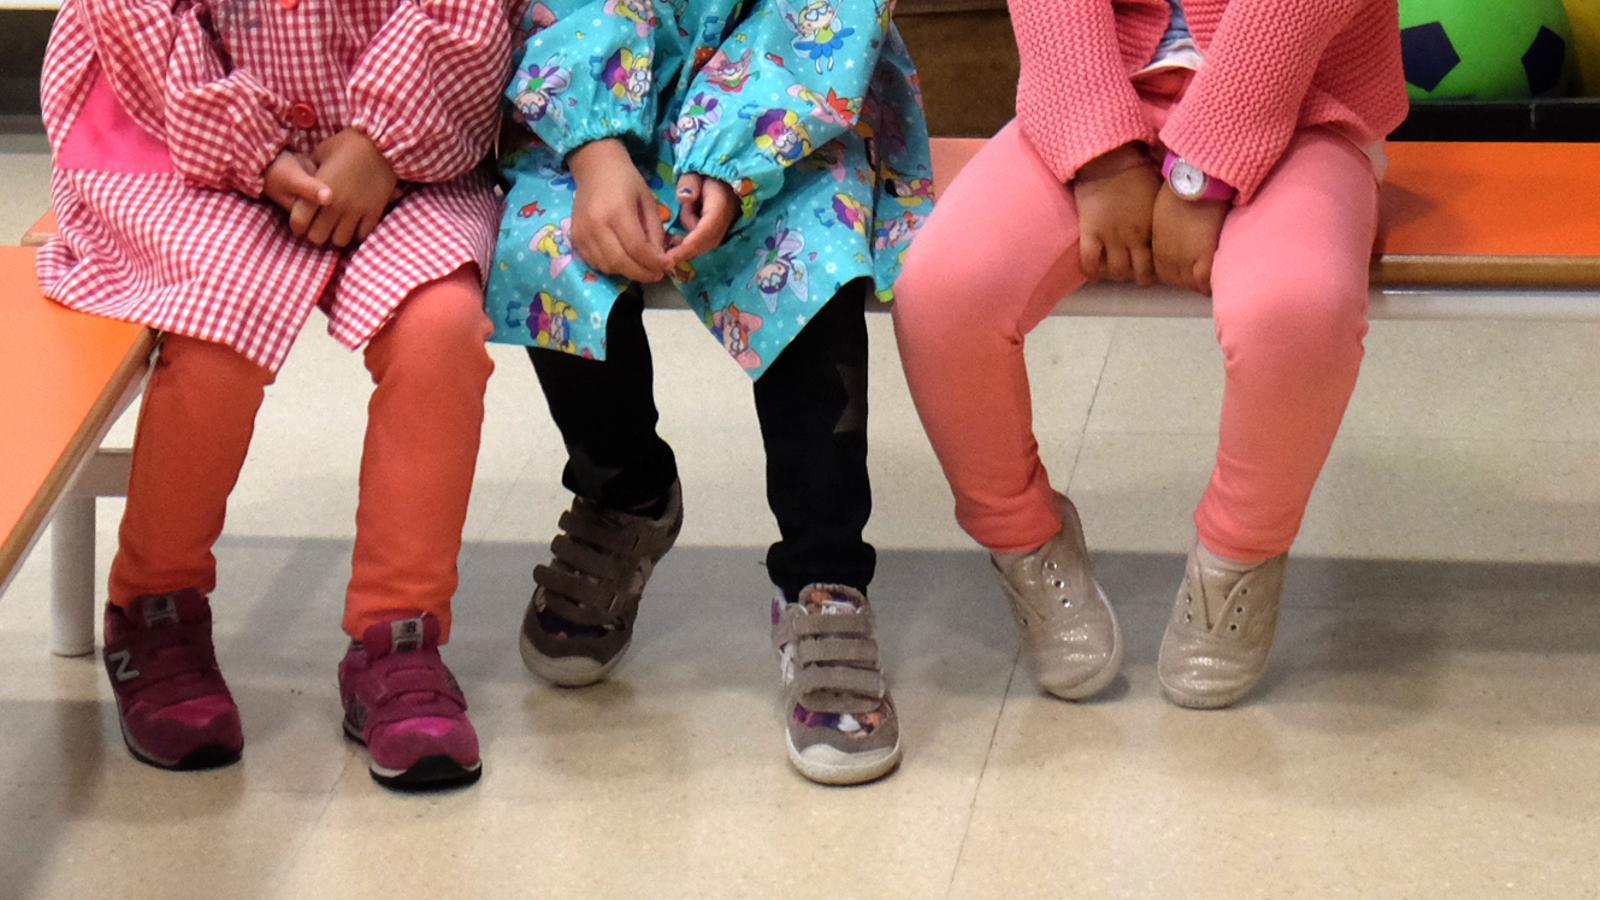 Actualment el CAI atén 32 infants i joves. / M. T.